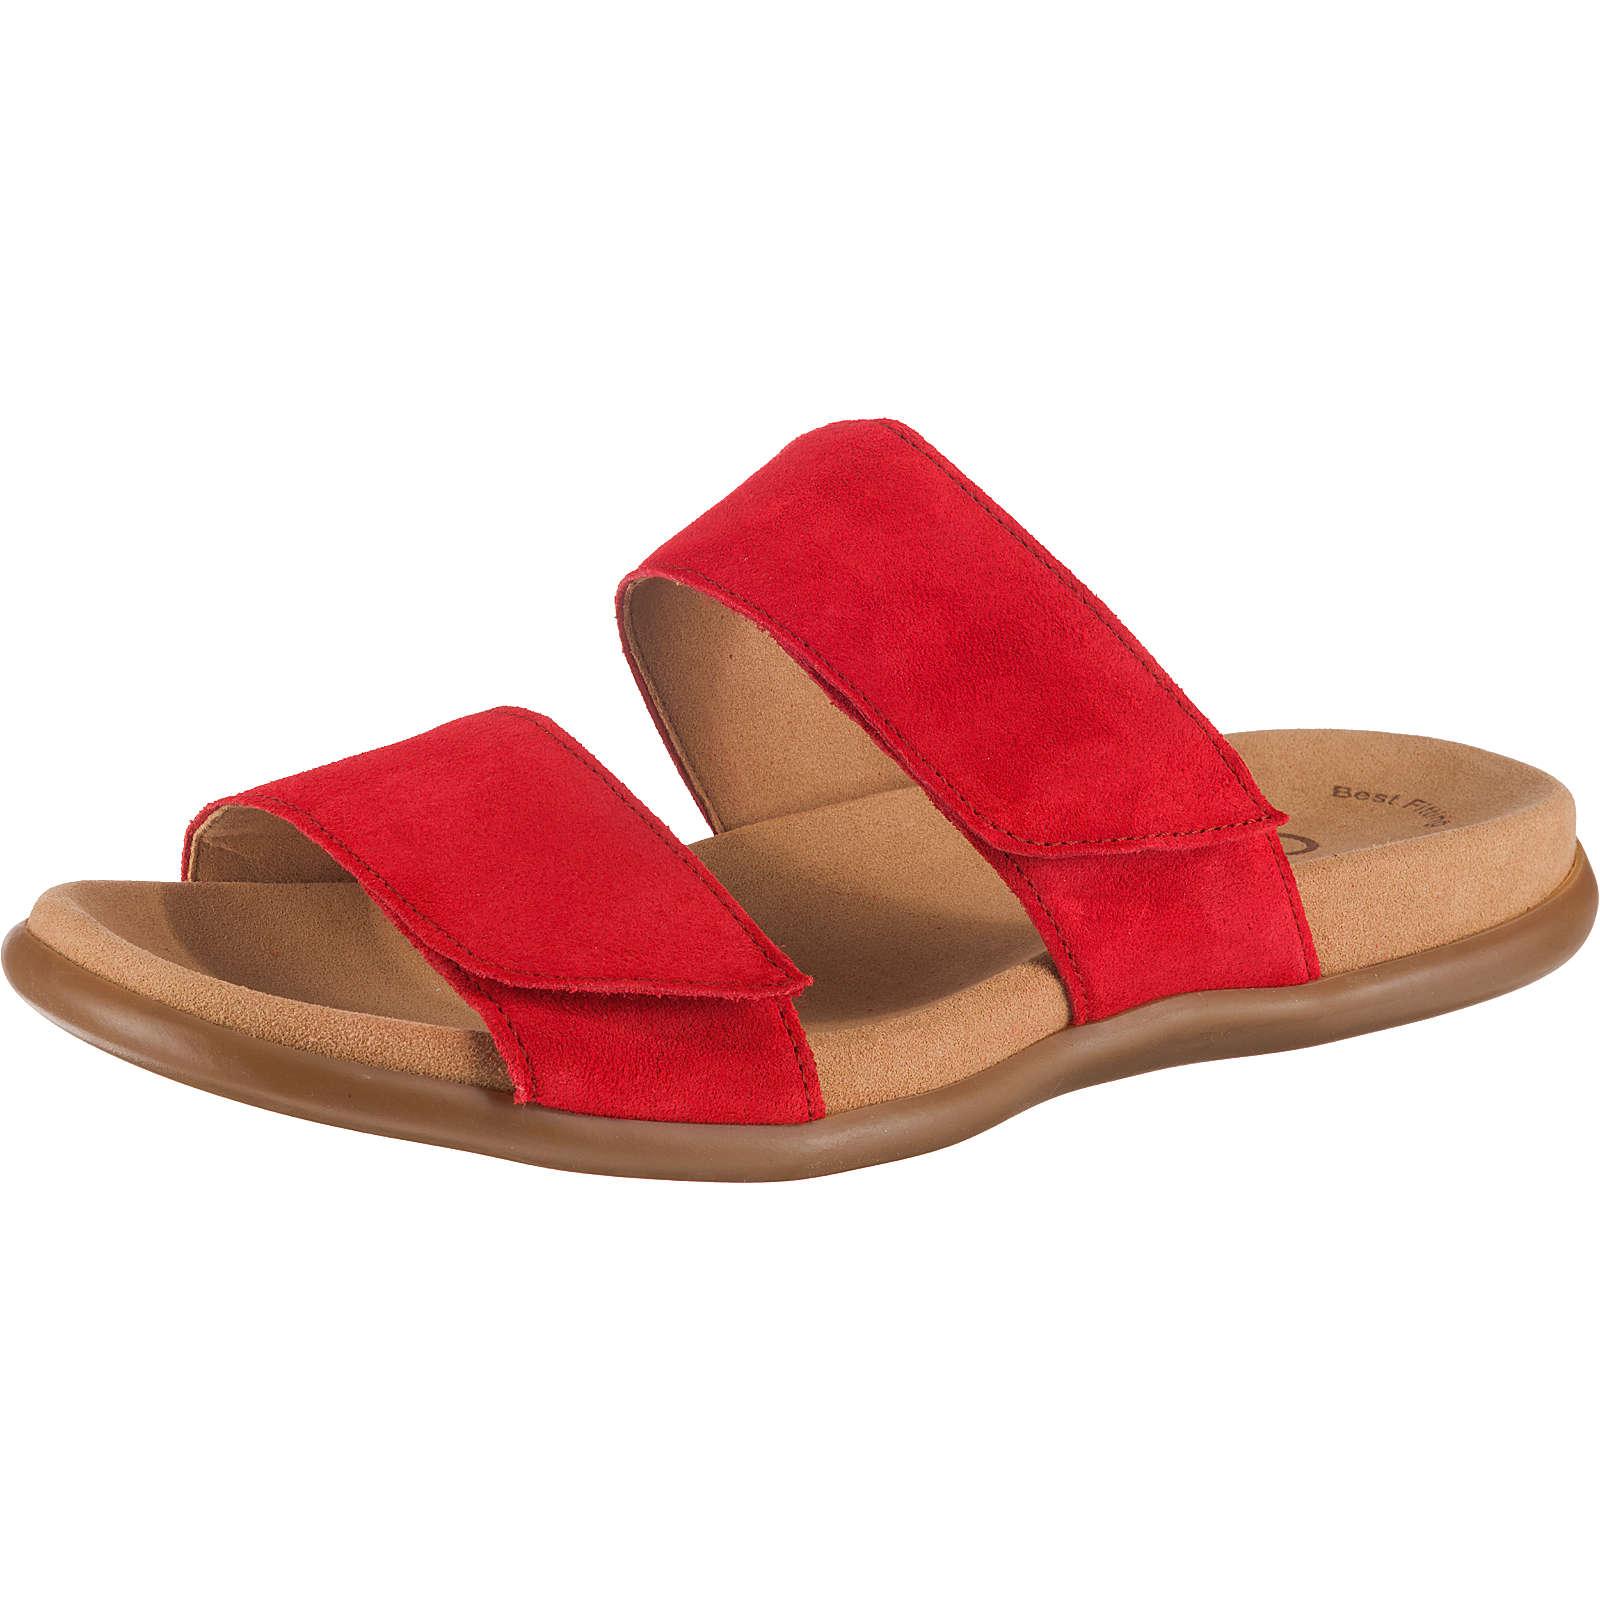 Gabor Pantoletten rot Damen Gr. 36